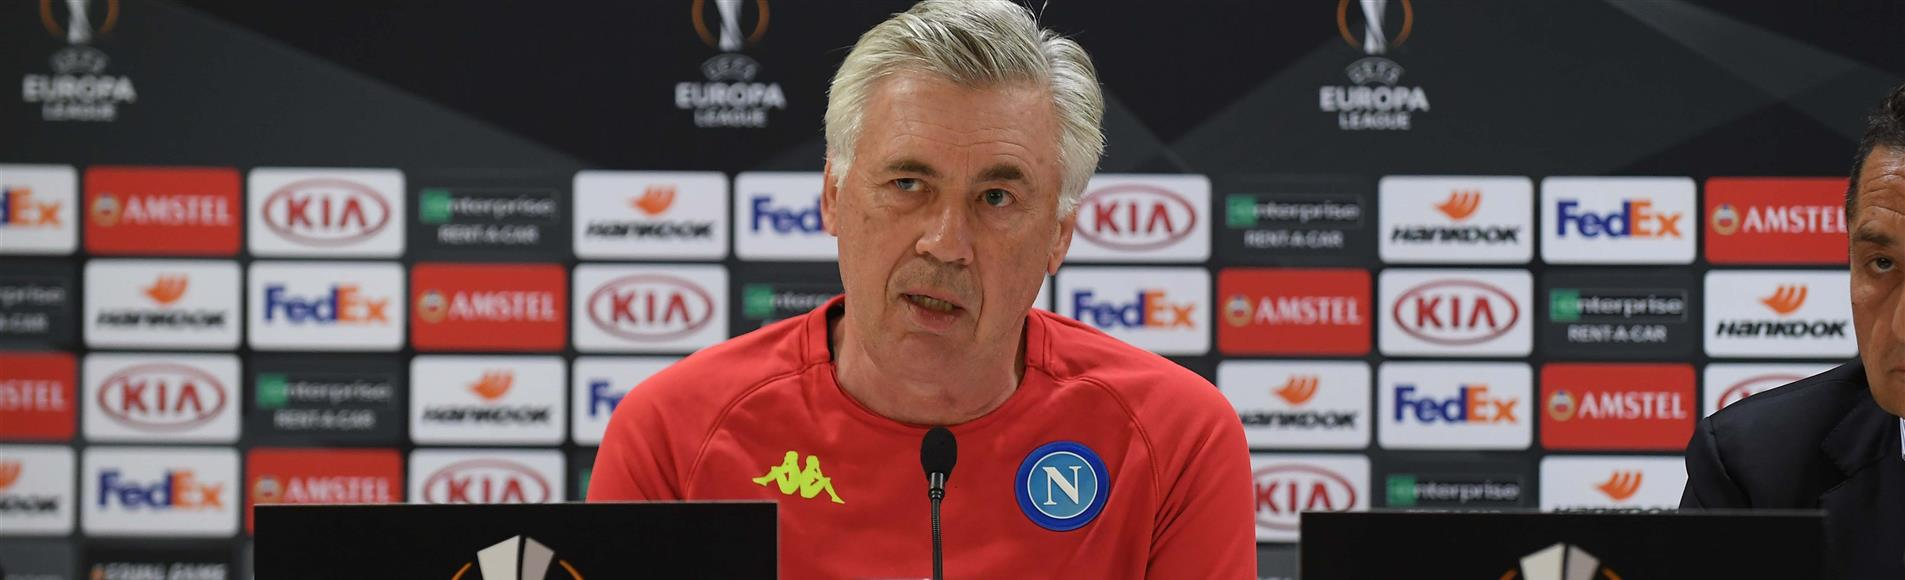 """Arsenal-Napoli, Ancelotti: """"Non è una gara decisiva, ma indirizzerà il confronto"""" - NAPOLI CALCIO"""